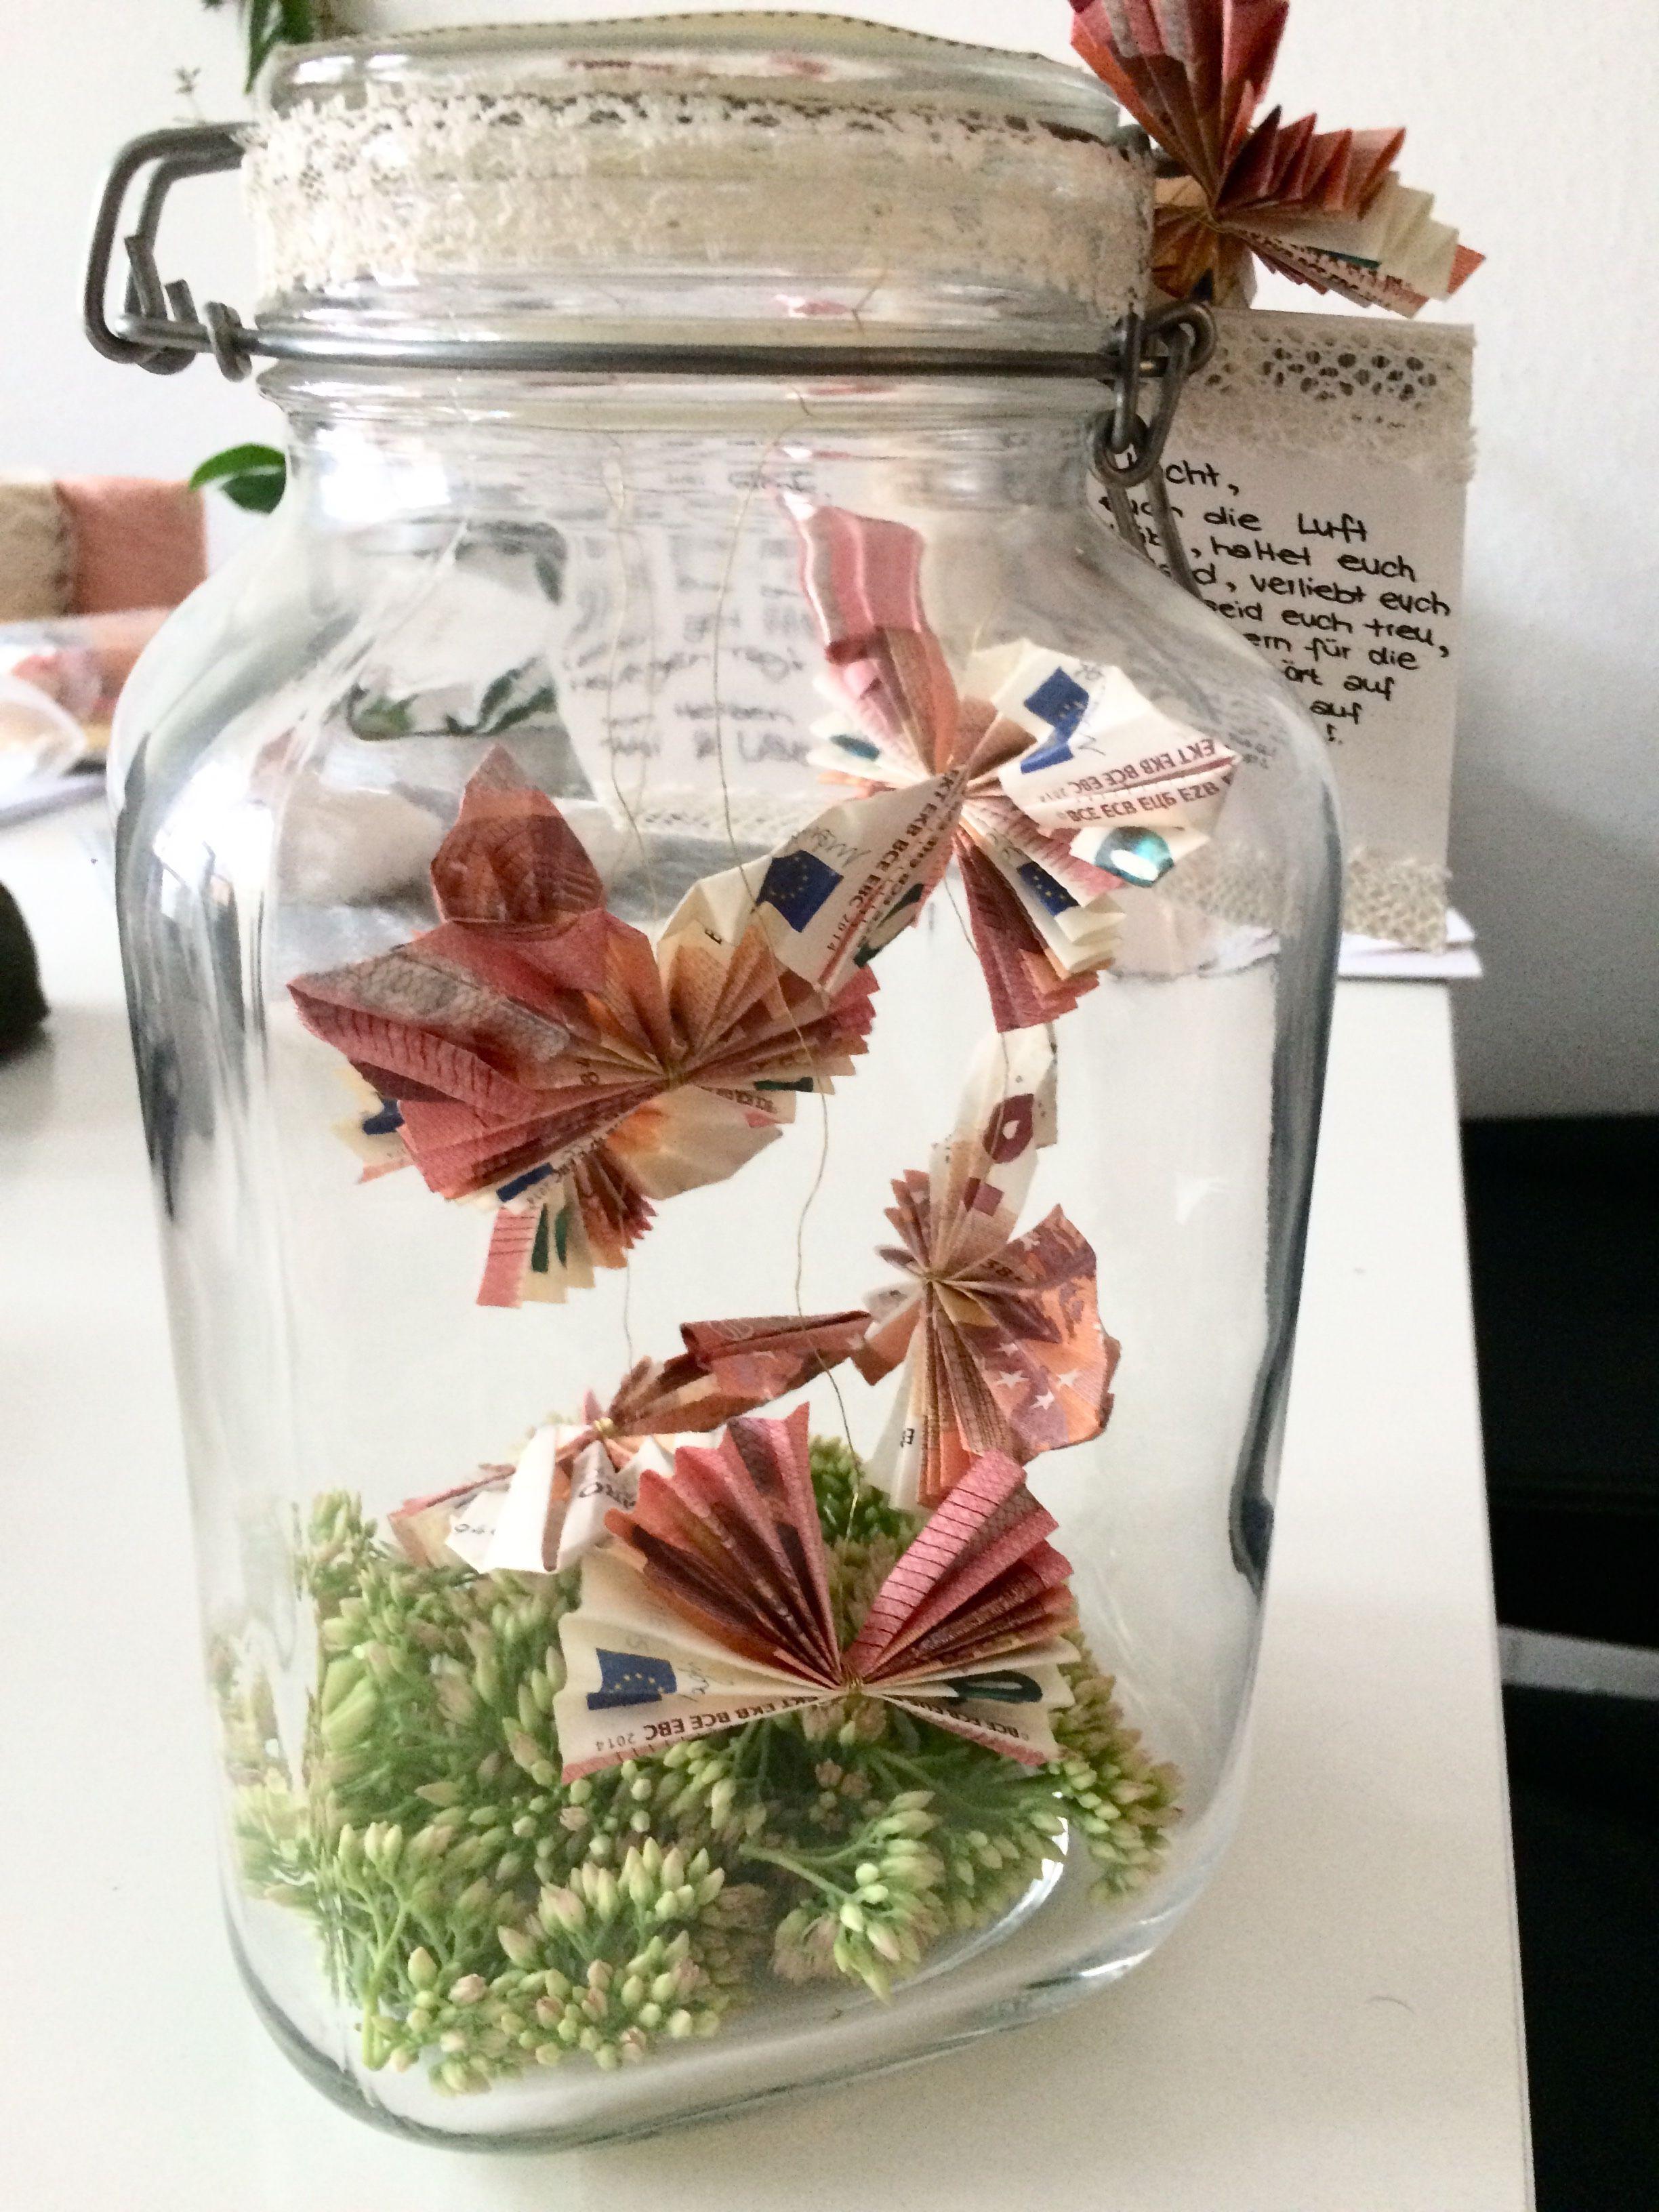 Geldgeschenk Hochzeit Schmetterlinge Glas Einmachglas Geschenk Vintage Geschenki In 2020 Einmachglas Geschenke Hochzeit Geschenk Geld Geschenkidee Hochzeit Geld